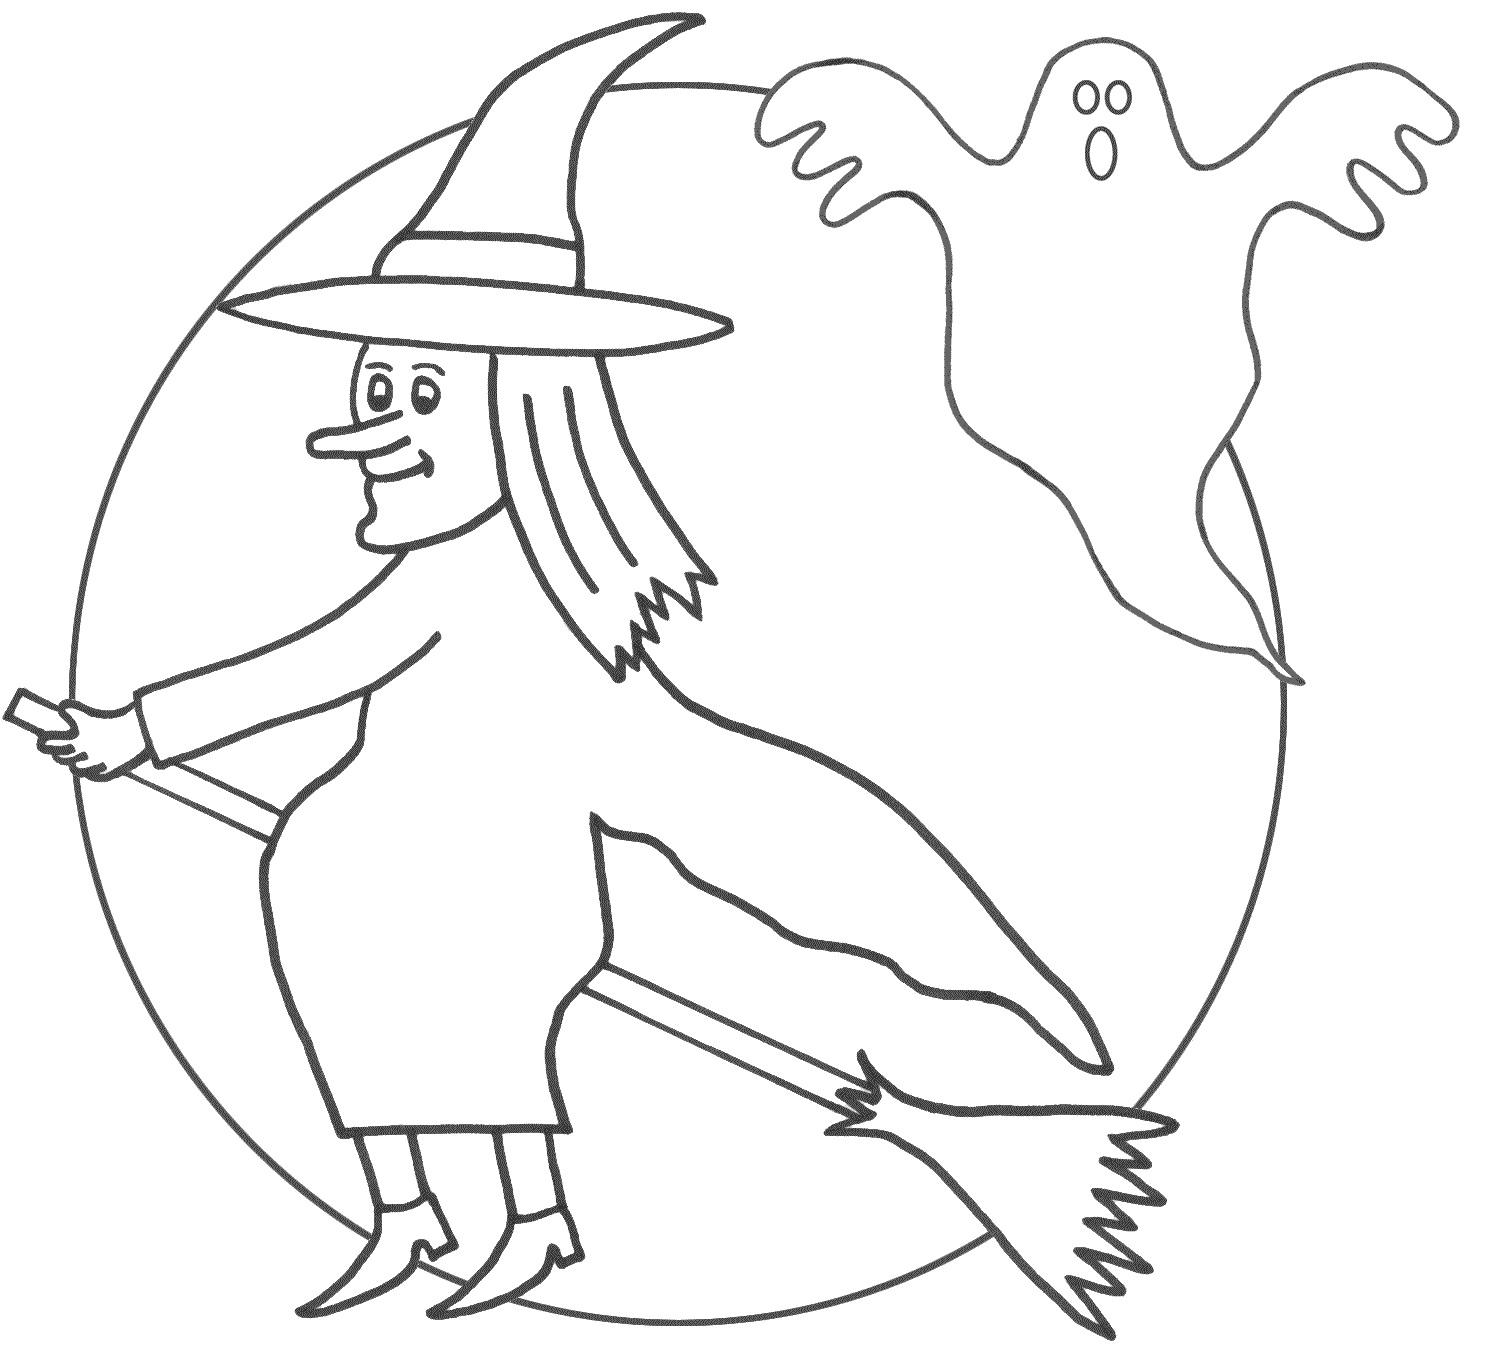 Desenhos Para Colorir E Imprimir: Desenhos Do Halloween